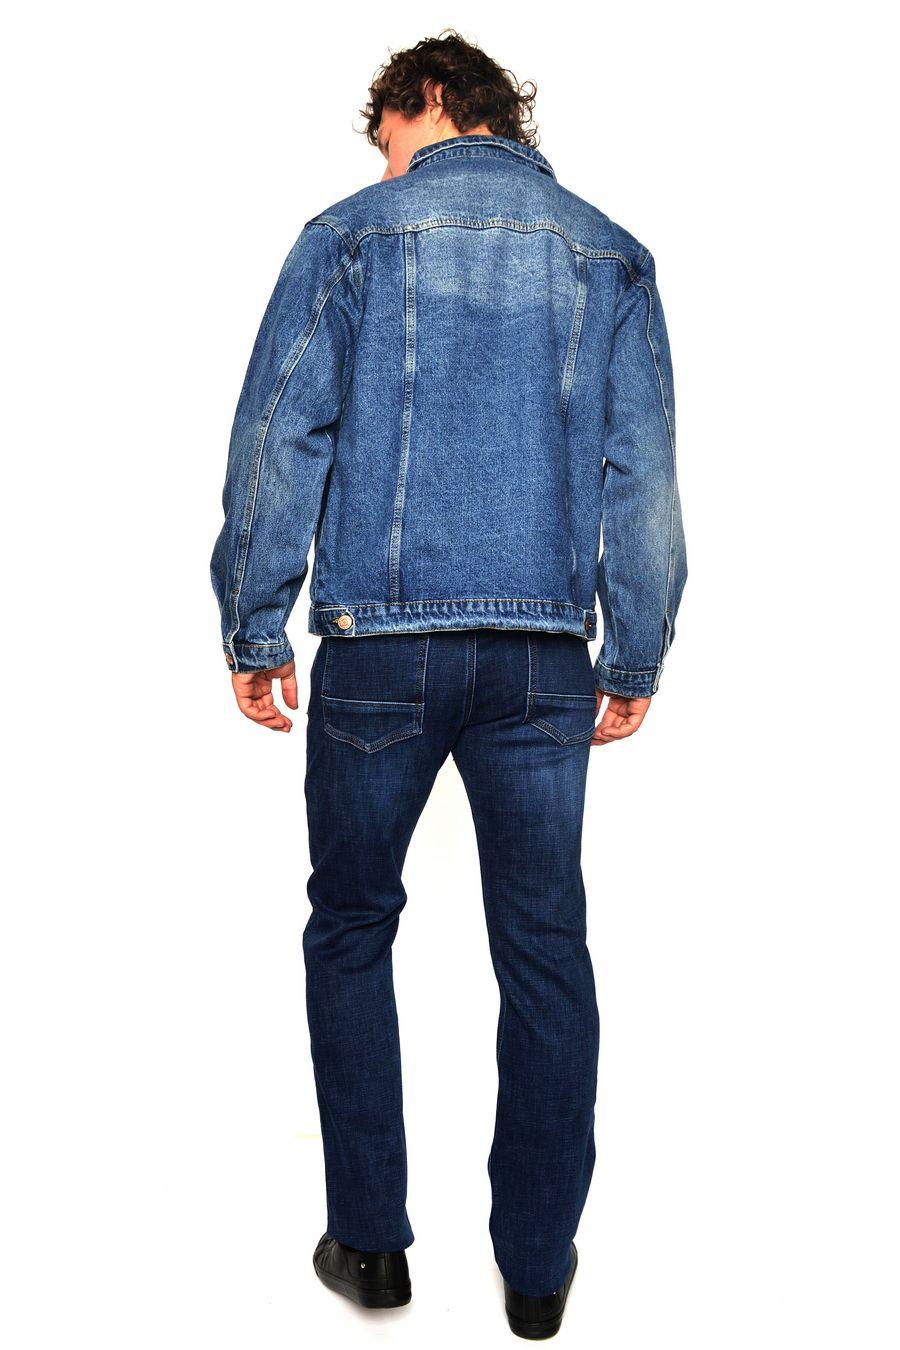 Пиджак мужской (джинсовка) Arnold 5702A - фото 3